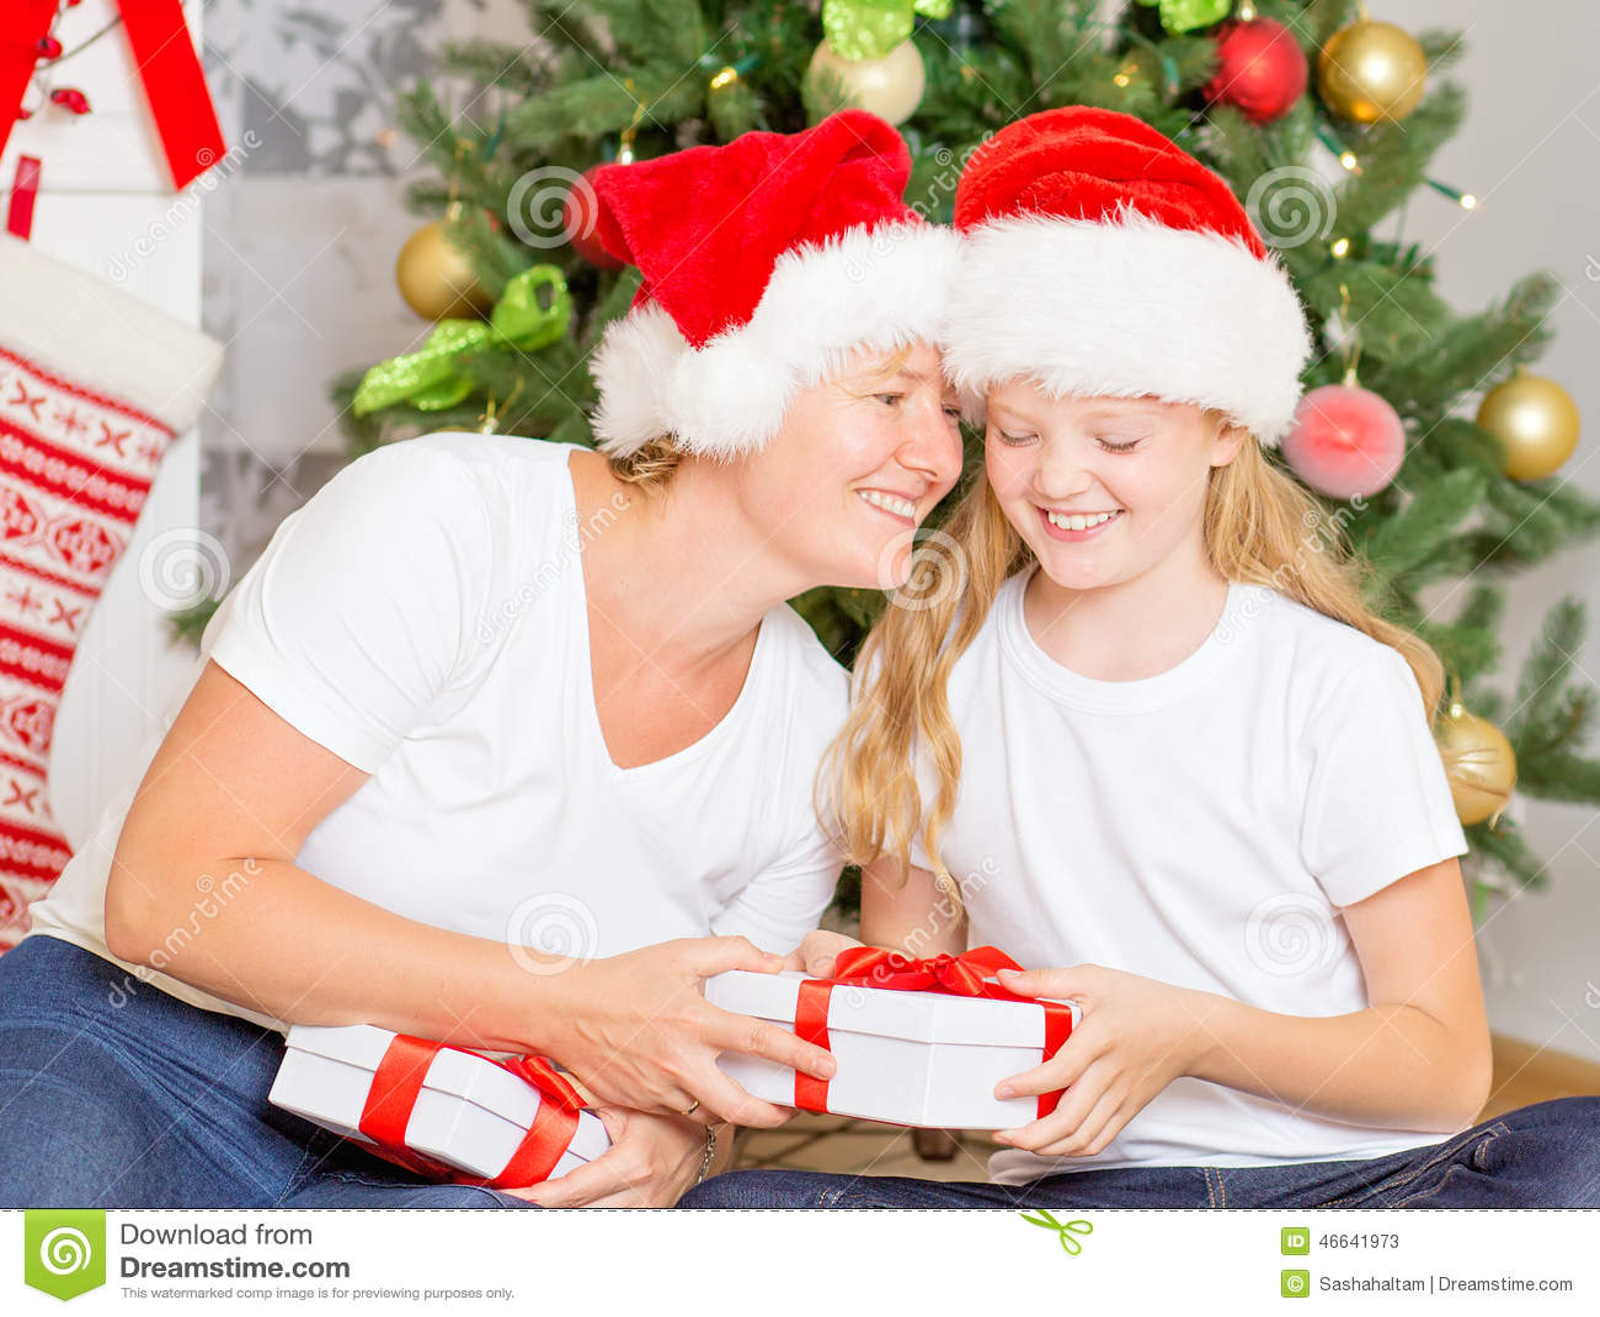 Glückliche Mutter Und Tochter Mit Weihnachtsgeschenken Stockbild ...